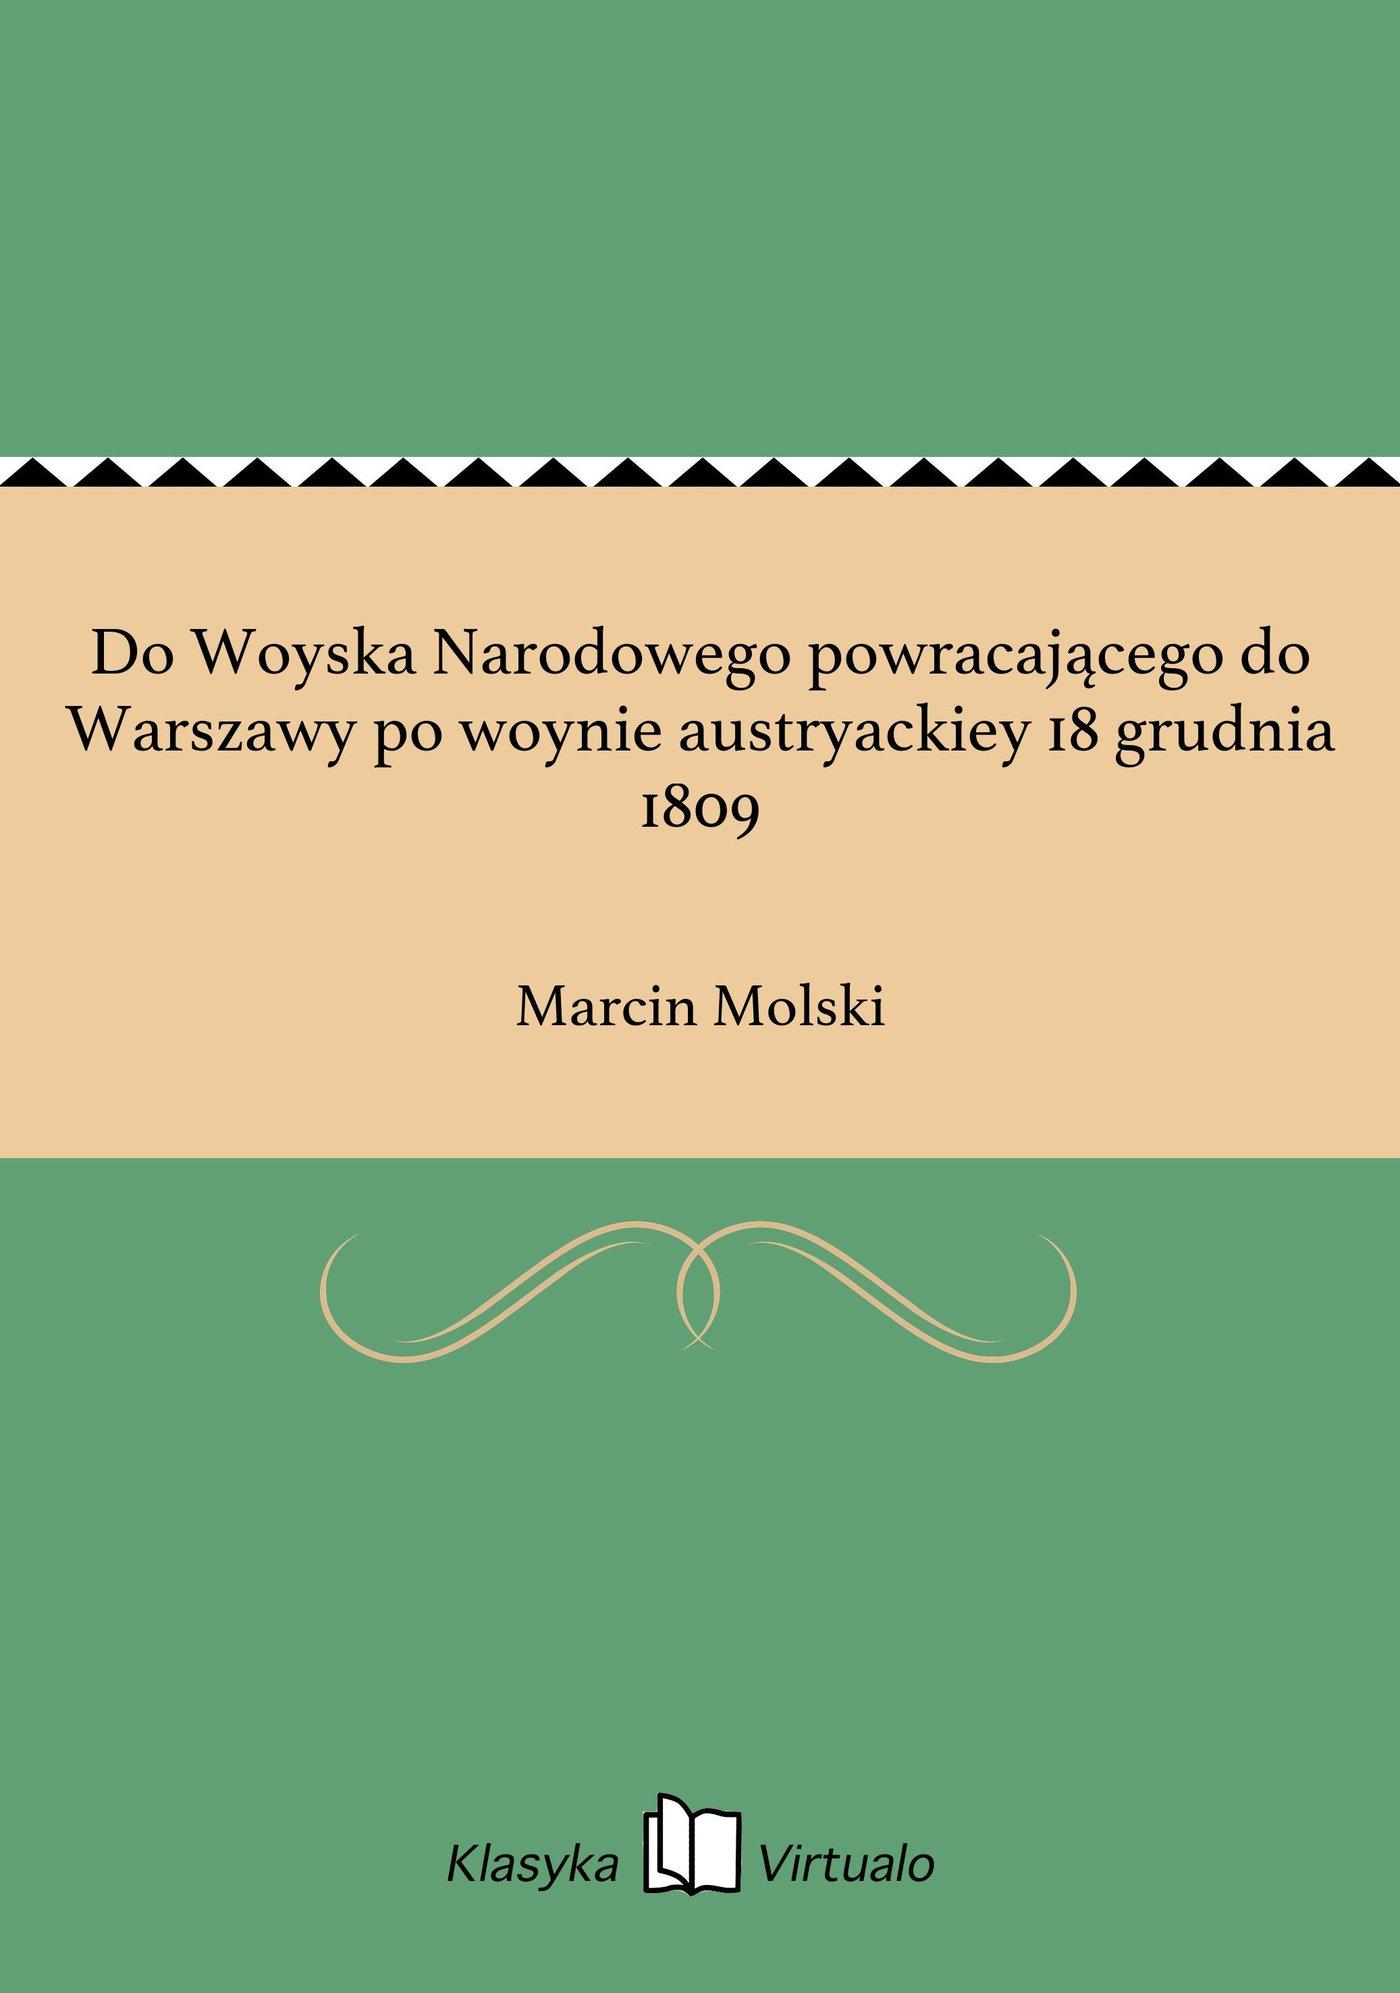 Do Woyska Narodowego powracającego do Warszawy po woynie austryackiey 18 grudnia 1809 - Ebook (Książka na Kindle) do pobrania w formacie MOBI